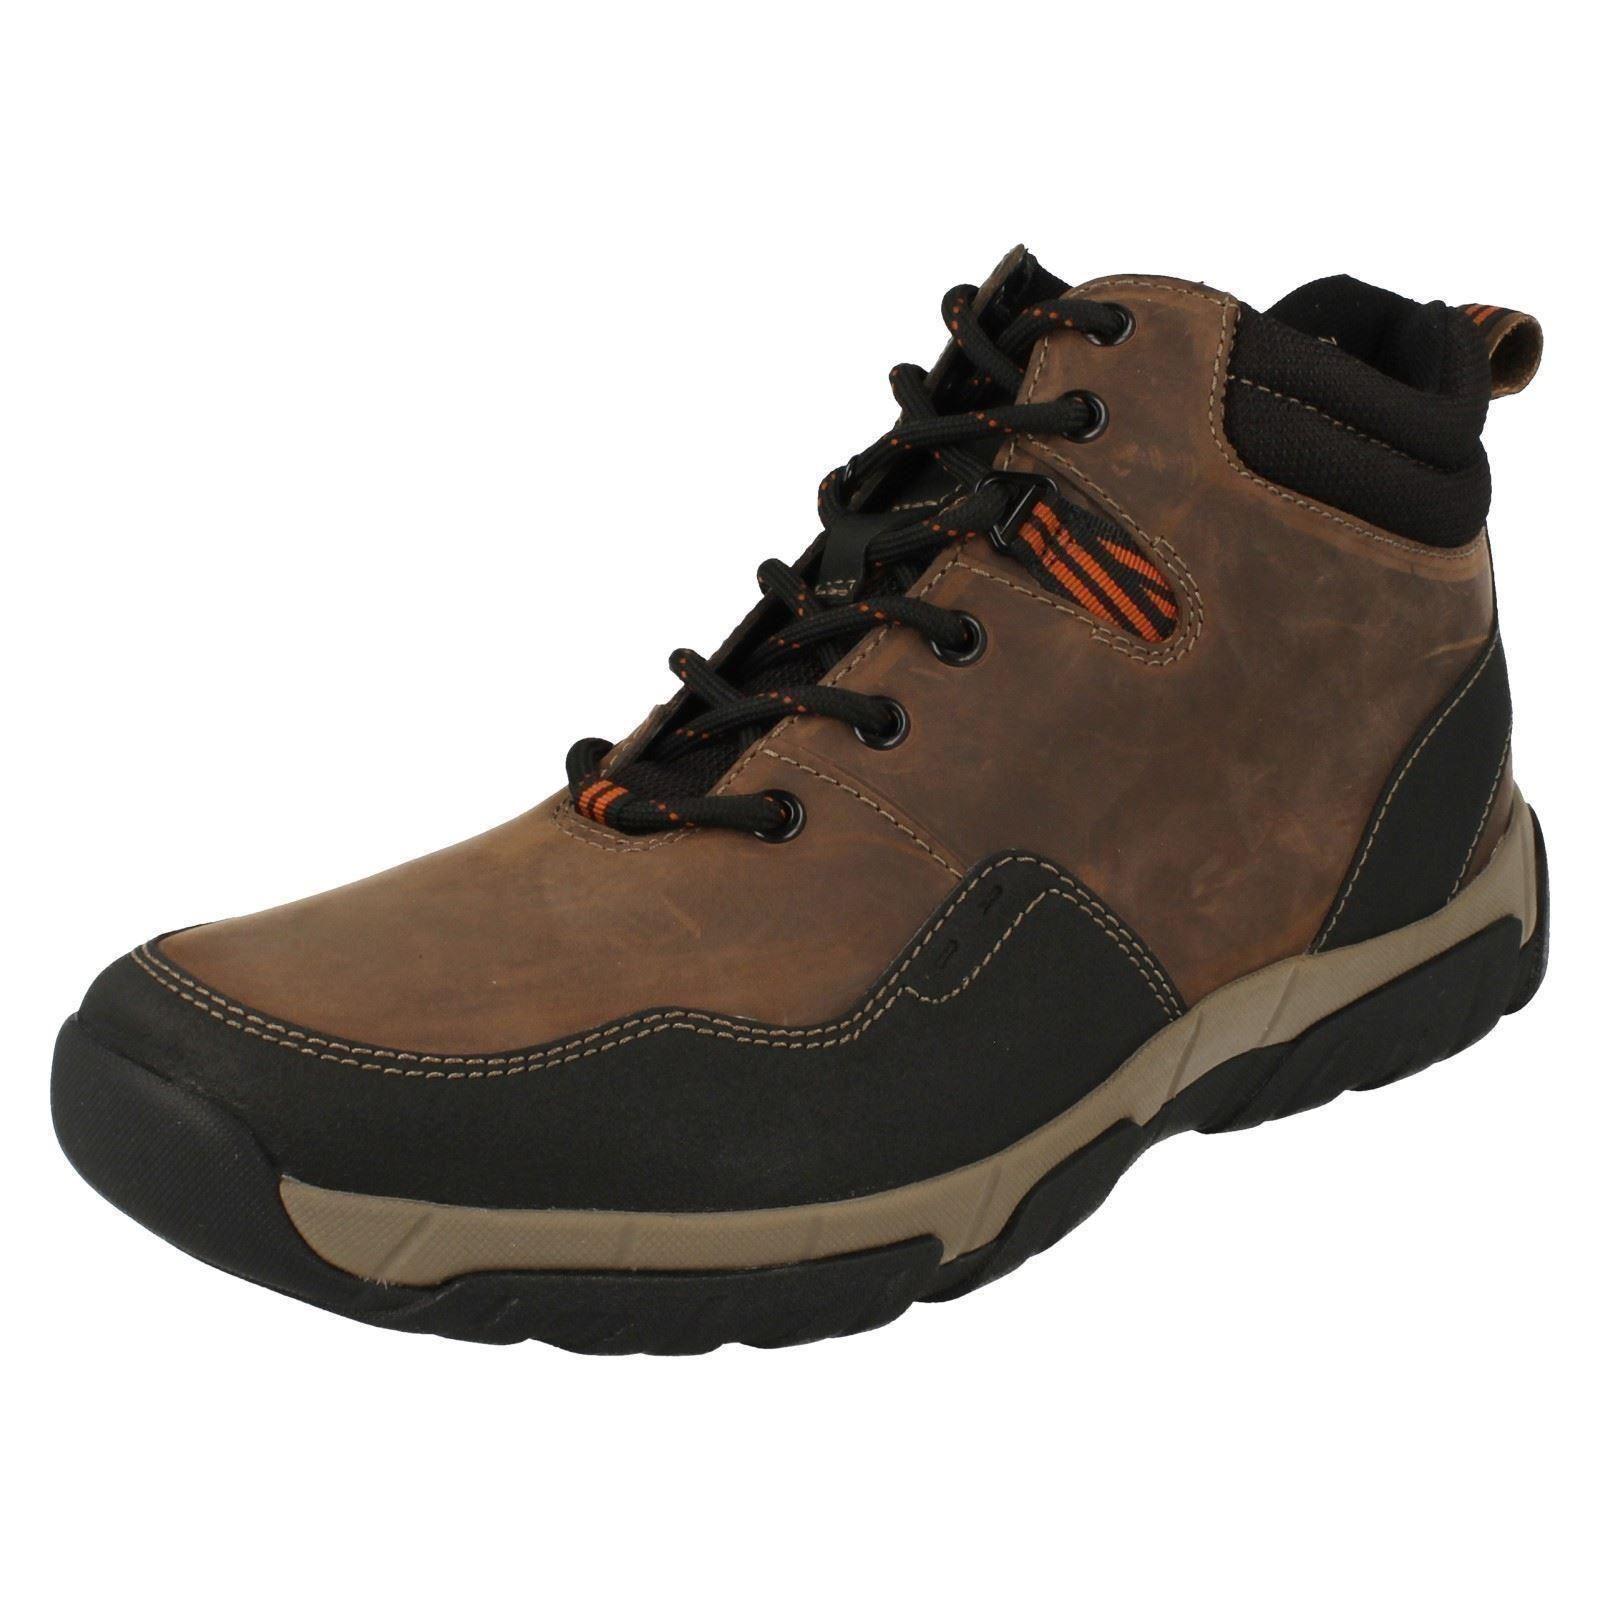 Clarks Walbeck Top Mens Brown Leather  Weatherproof Walking Boot (R38B) (Kett)